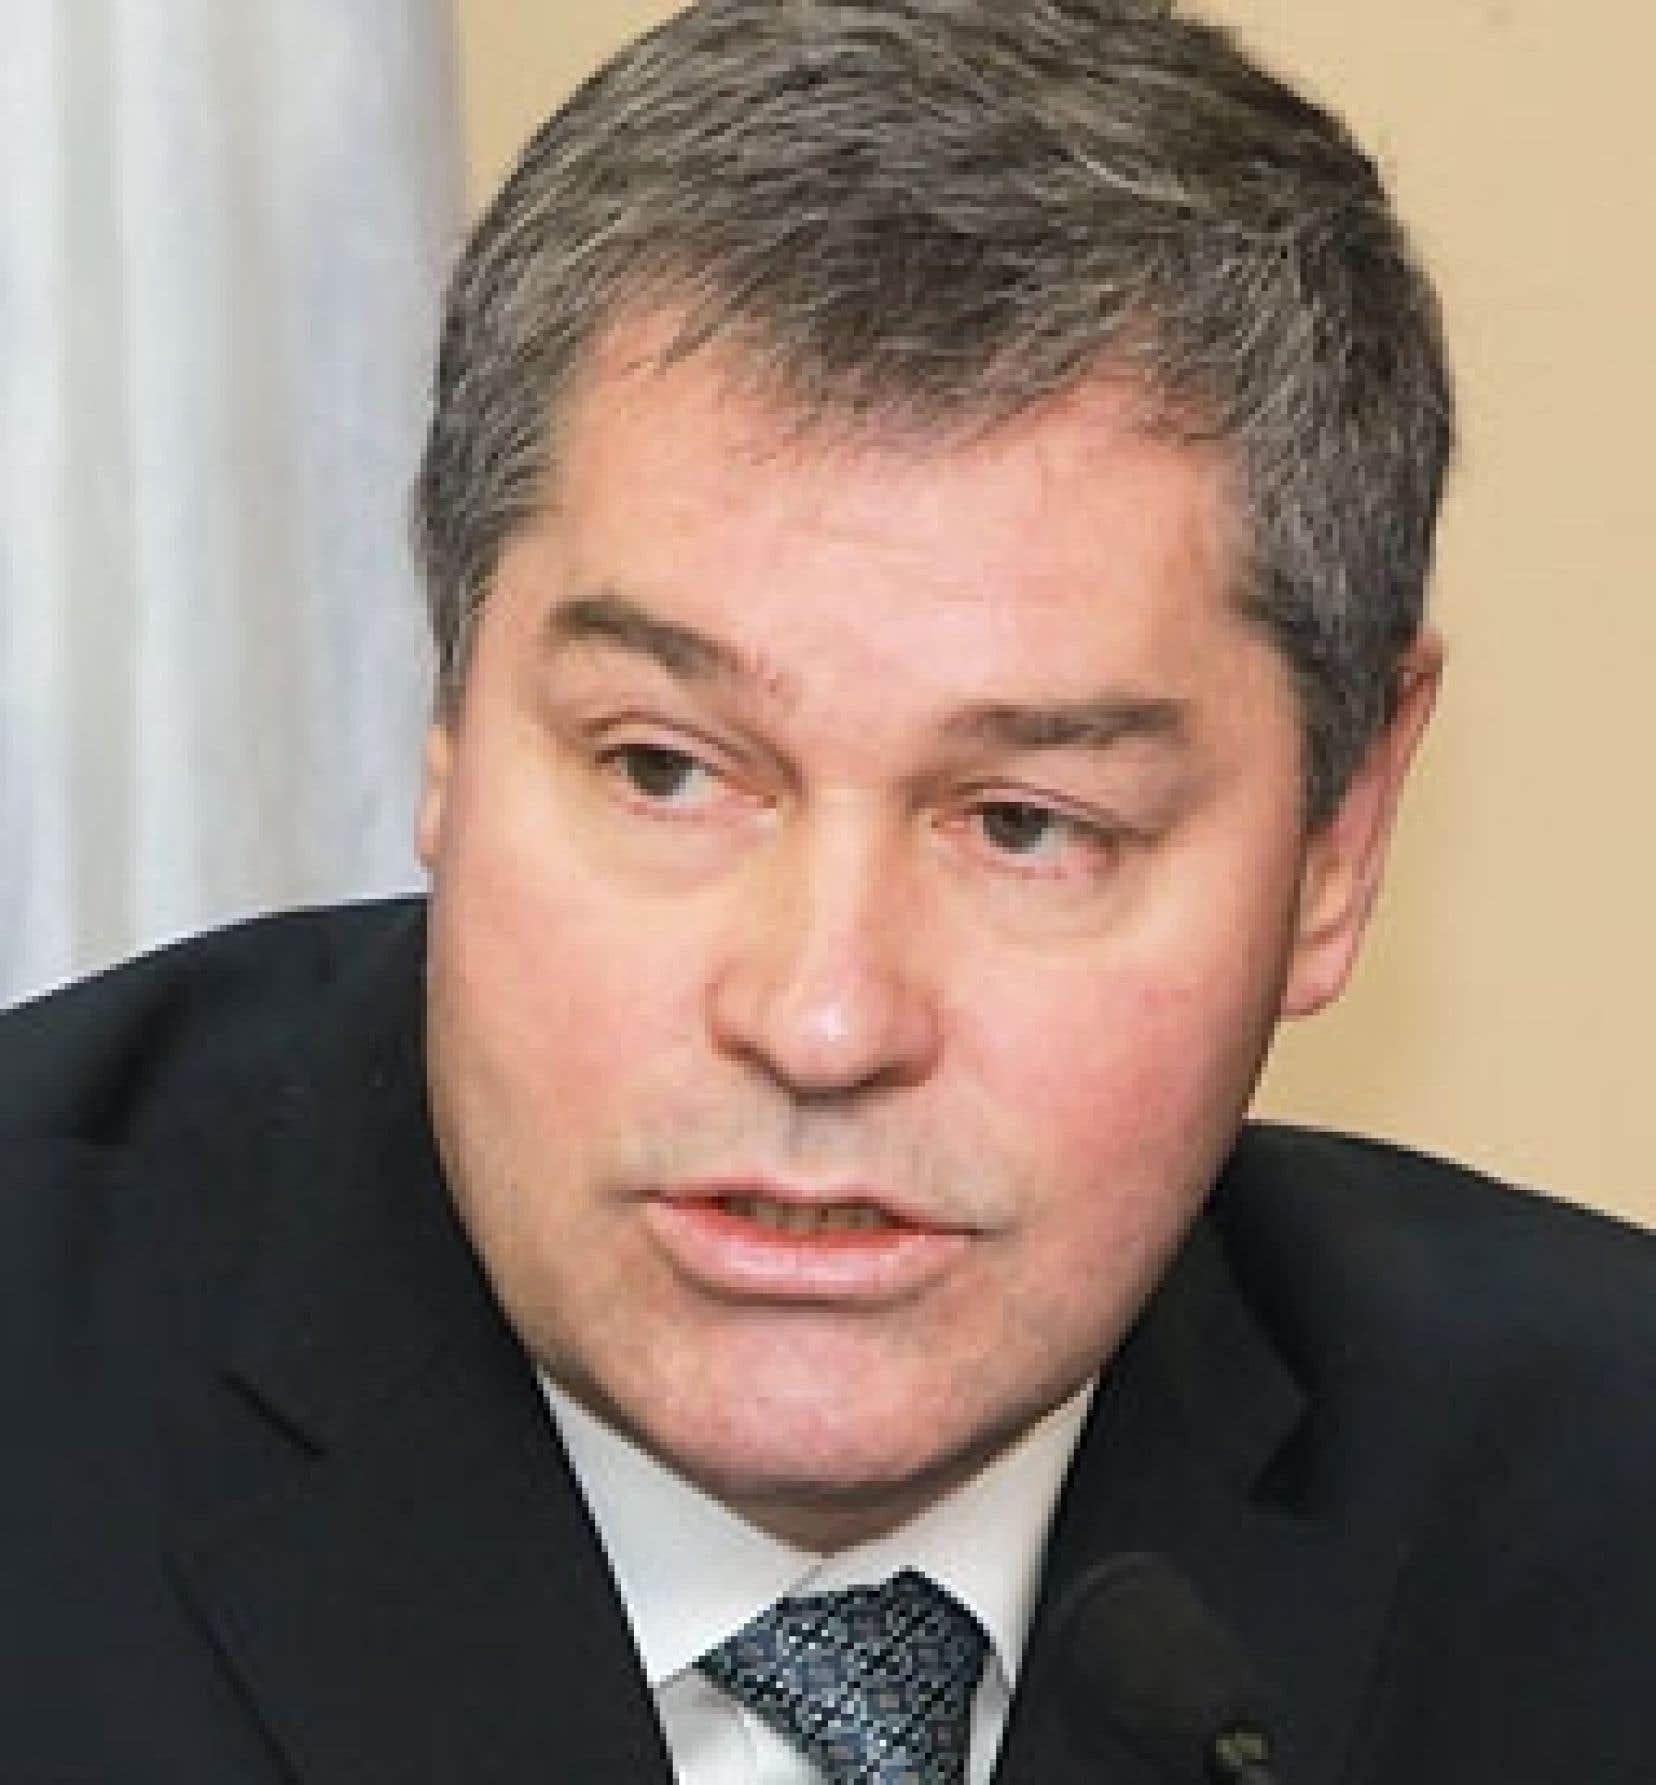 M. Bolduc a donné instruction à la Régie de l'assurance maladie du Québec de prendre la relève « temporairement » et de financer les soins médicaux et pharmacologiques des demandeurs d'asile qui ne seront désormais plus couverts par Ottawa.